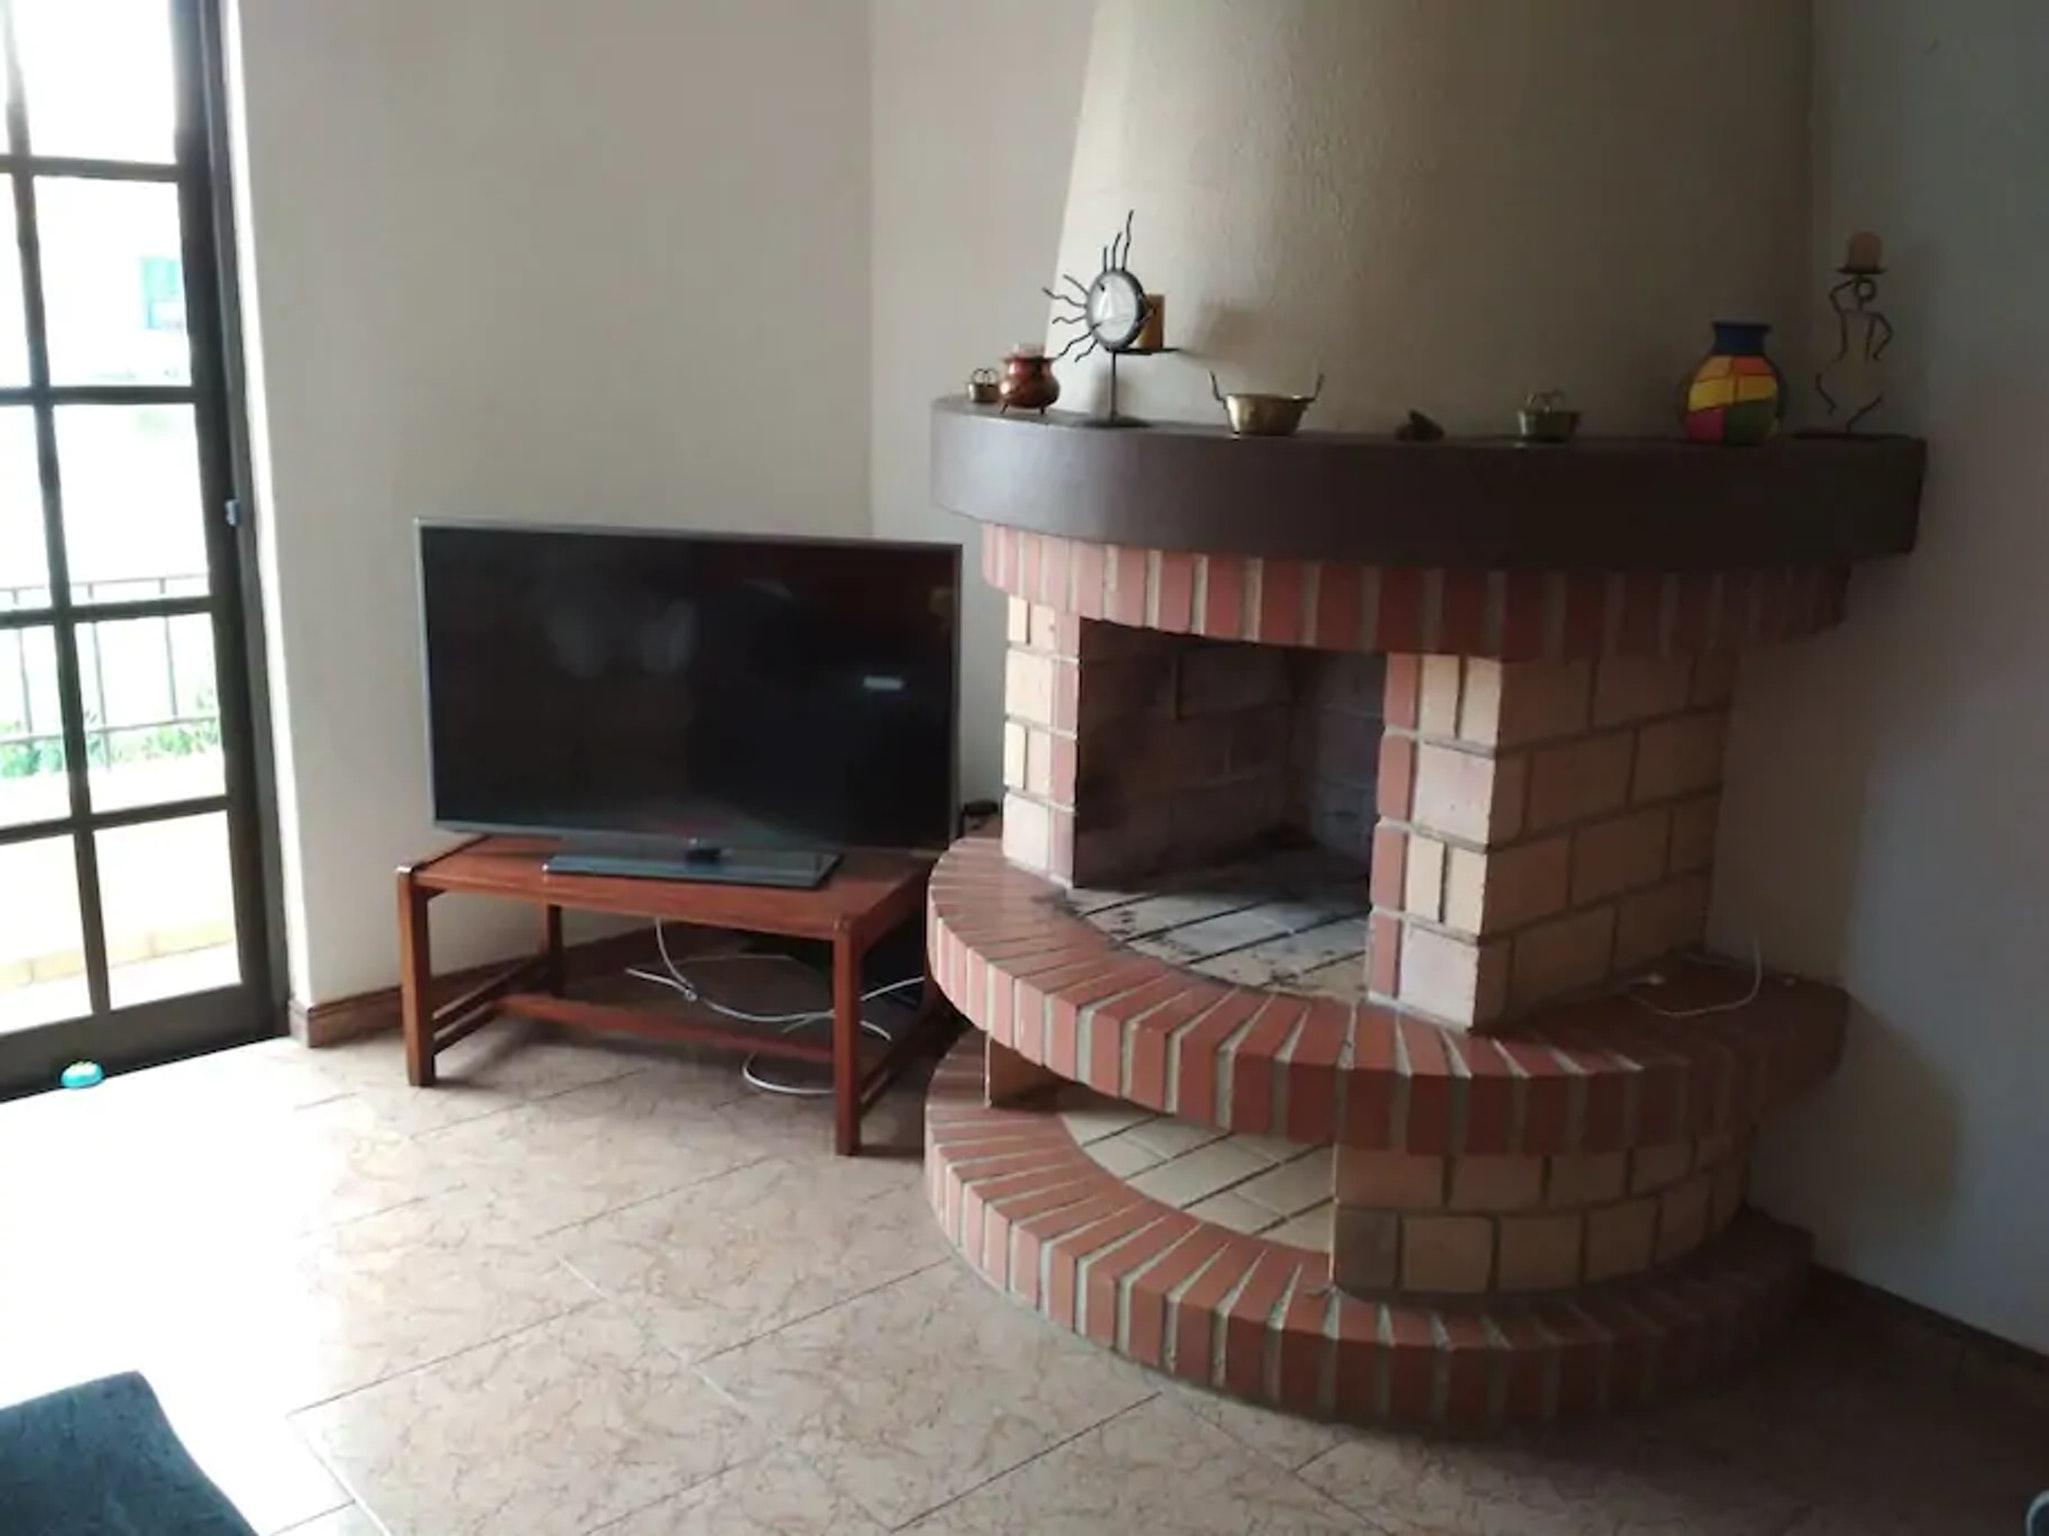 Ferienwohnung Wohnung mit 2 Schlafzimmern in Parchal mit Pool, Balkon und W-LAN - 1 km vom Strand entfer (2622202), Parchal, , Algarve, Portugal, Bild 2